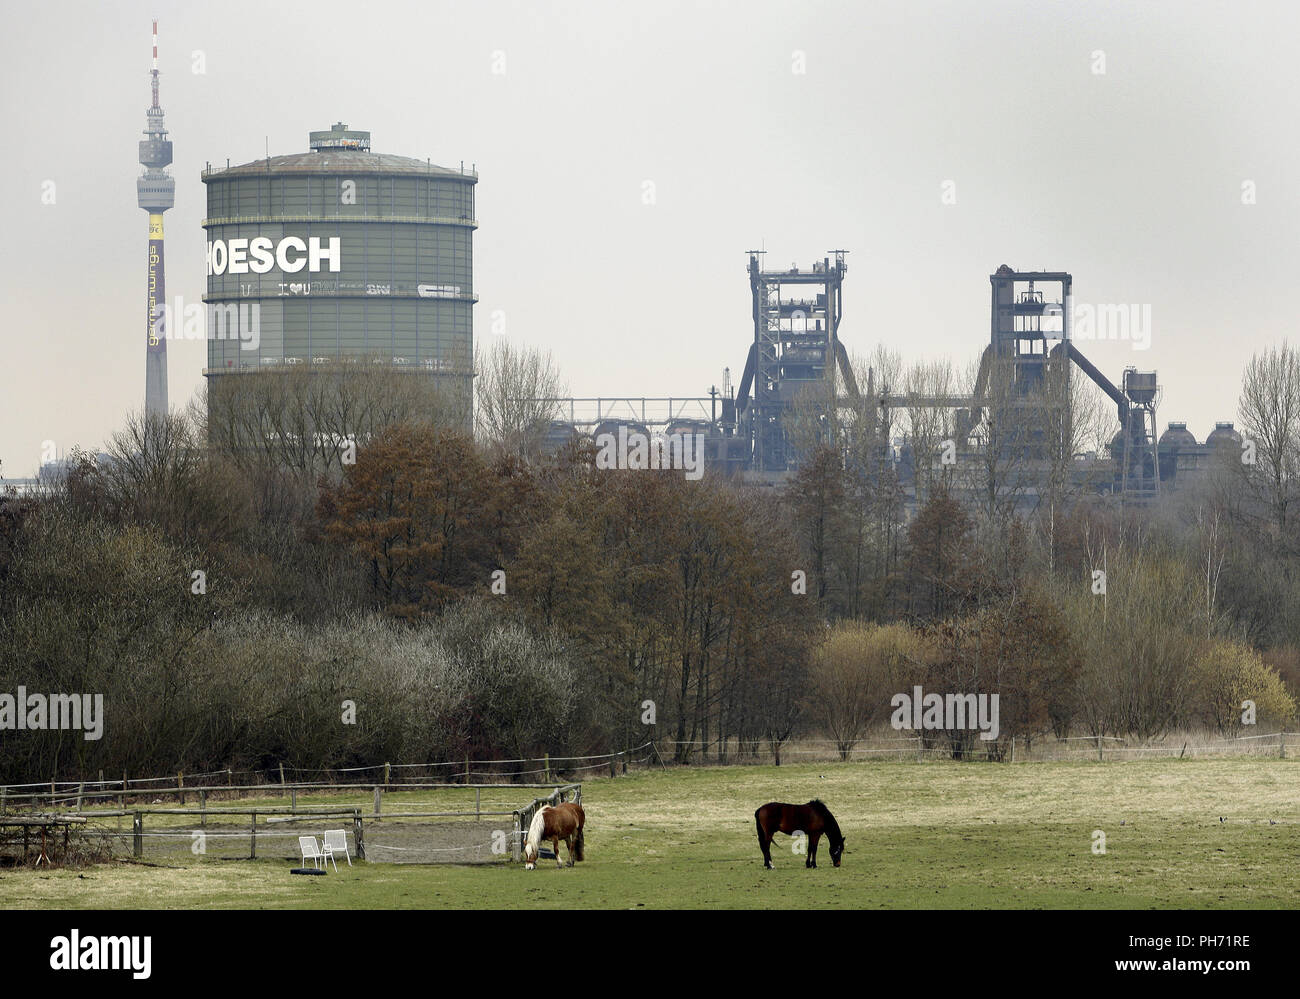 Les chevaux en face d'installations industrielles, Dortmund. Photo Stock